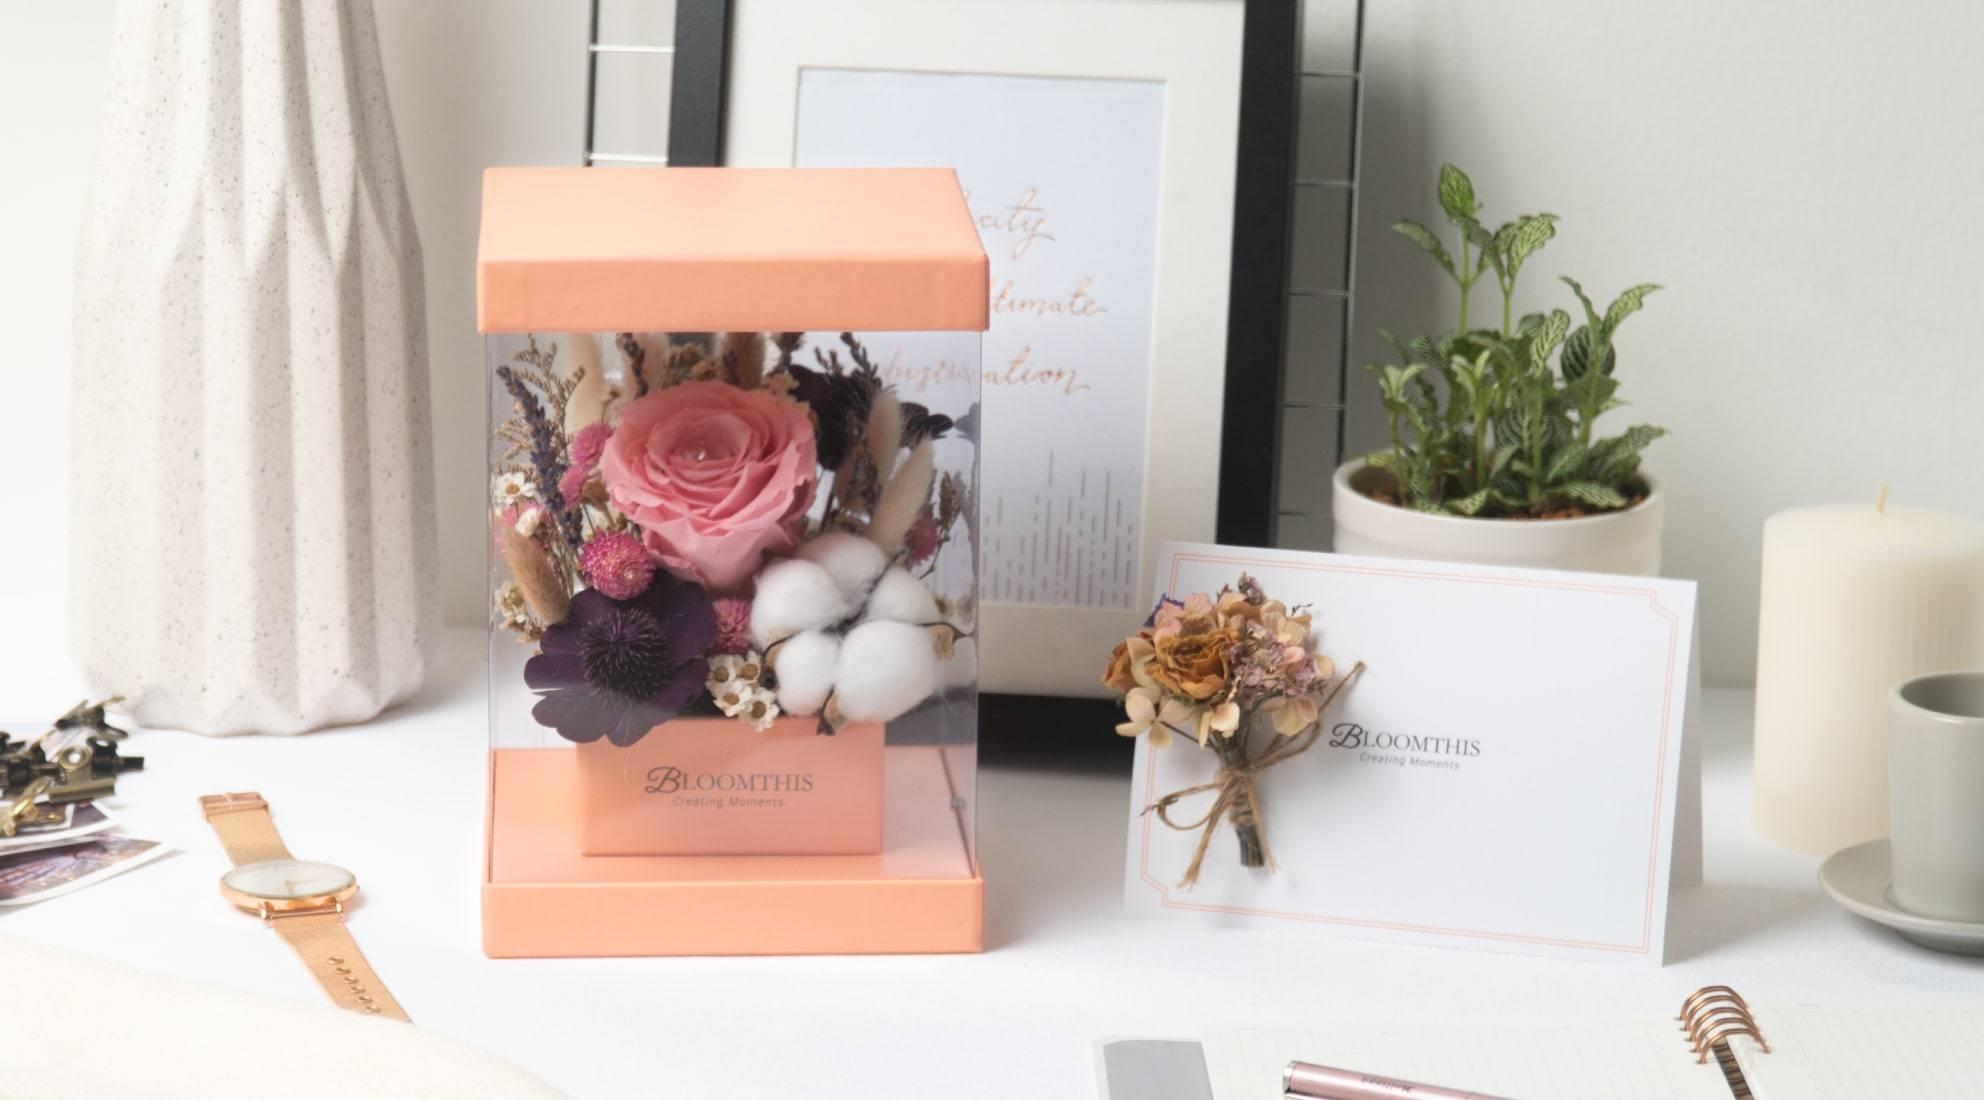 Everlasting Flower Care Bloomthis